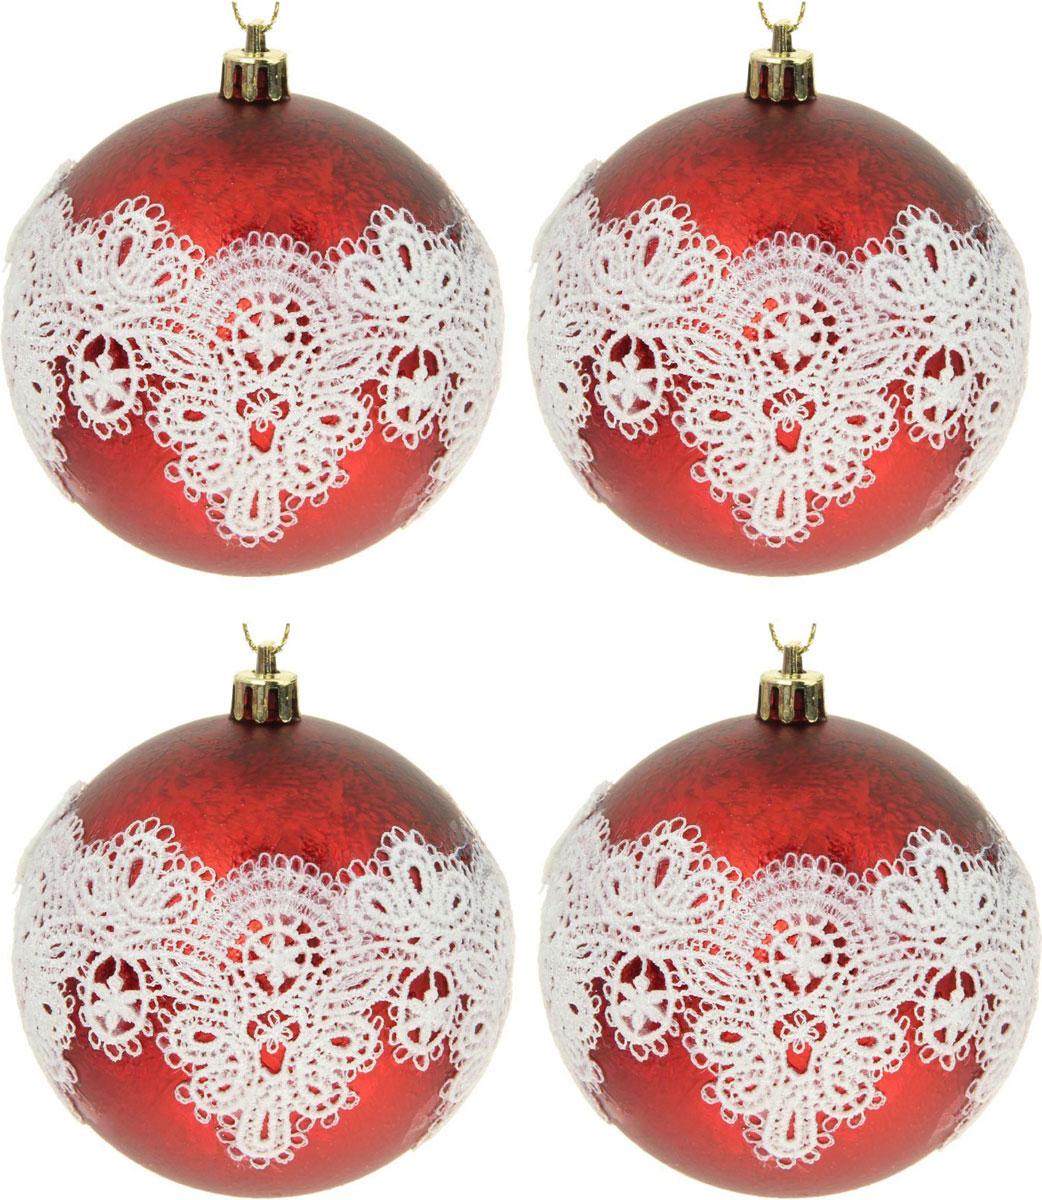 Набор новогодних подвесных украшений Sima-land Кружева, диаметр 8 см, 4 шт набор новогодних подвесных украшений sima land рельефный цветок диаметр 8 см 4 шт